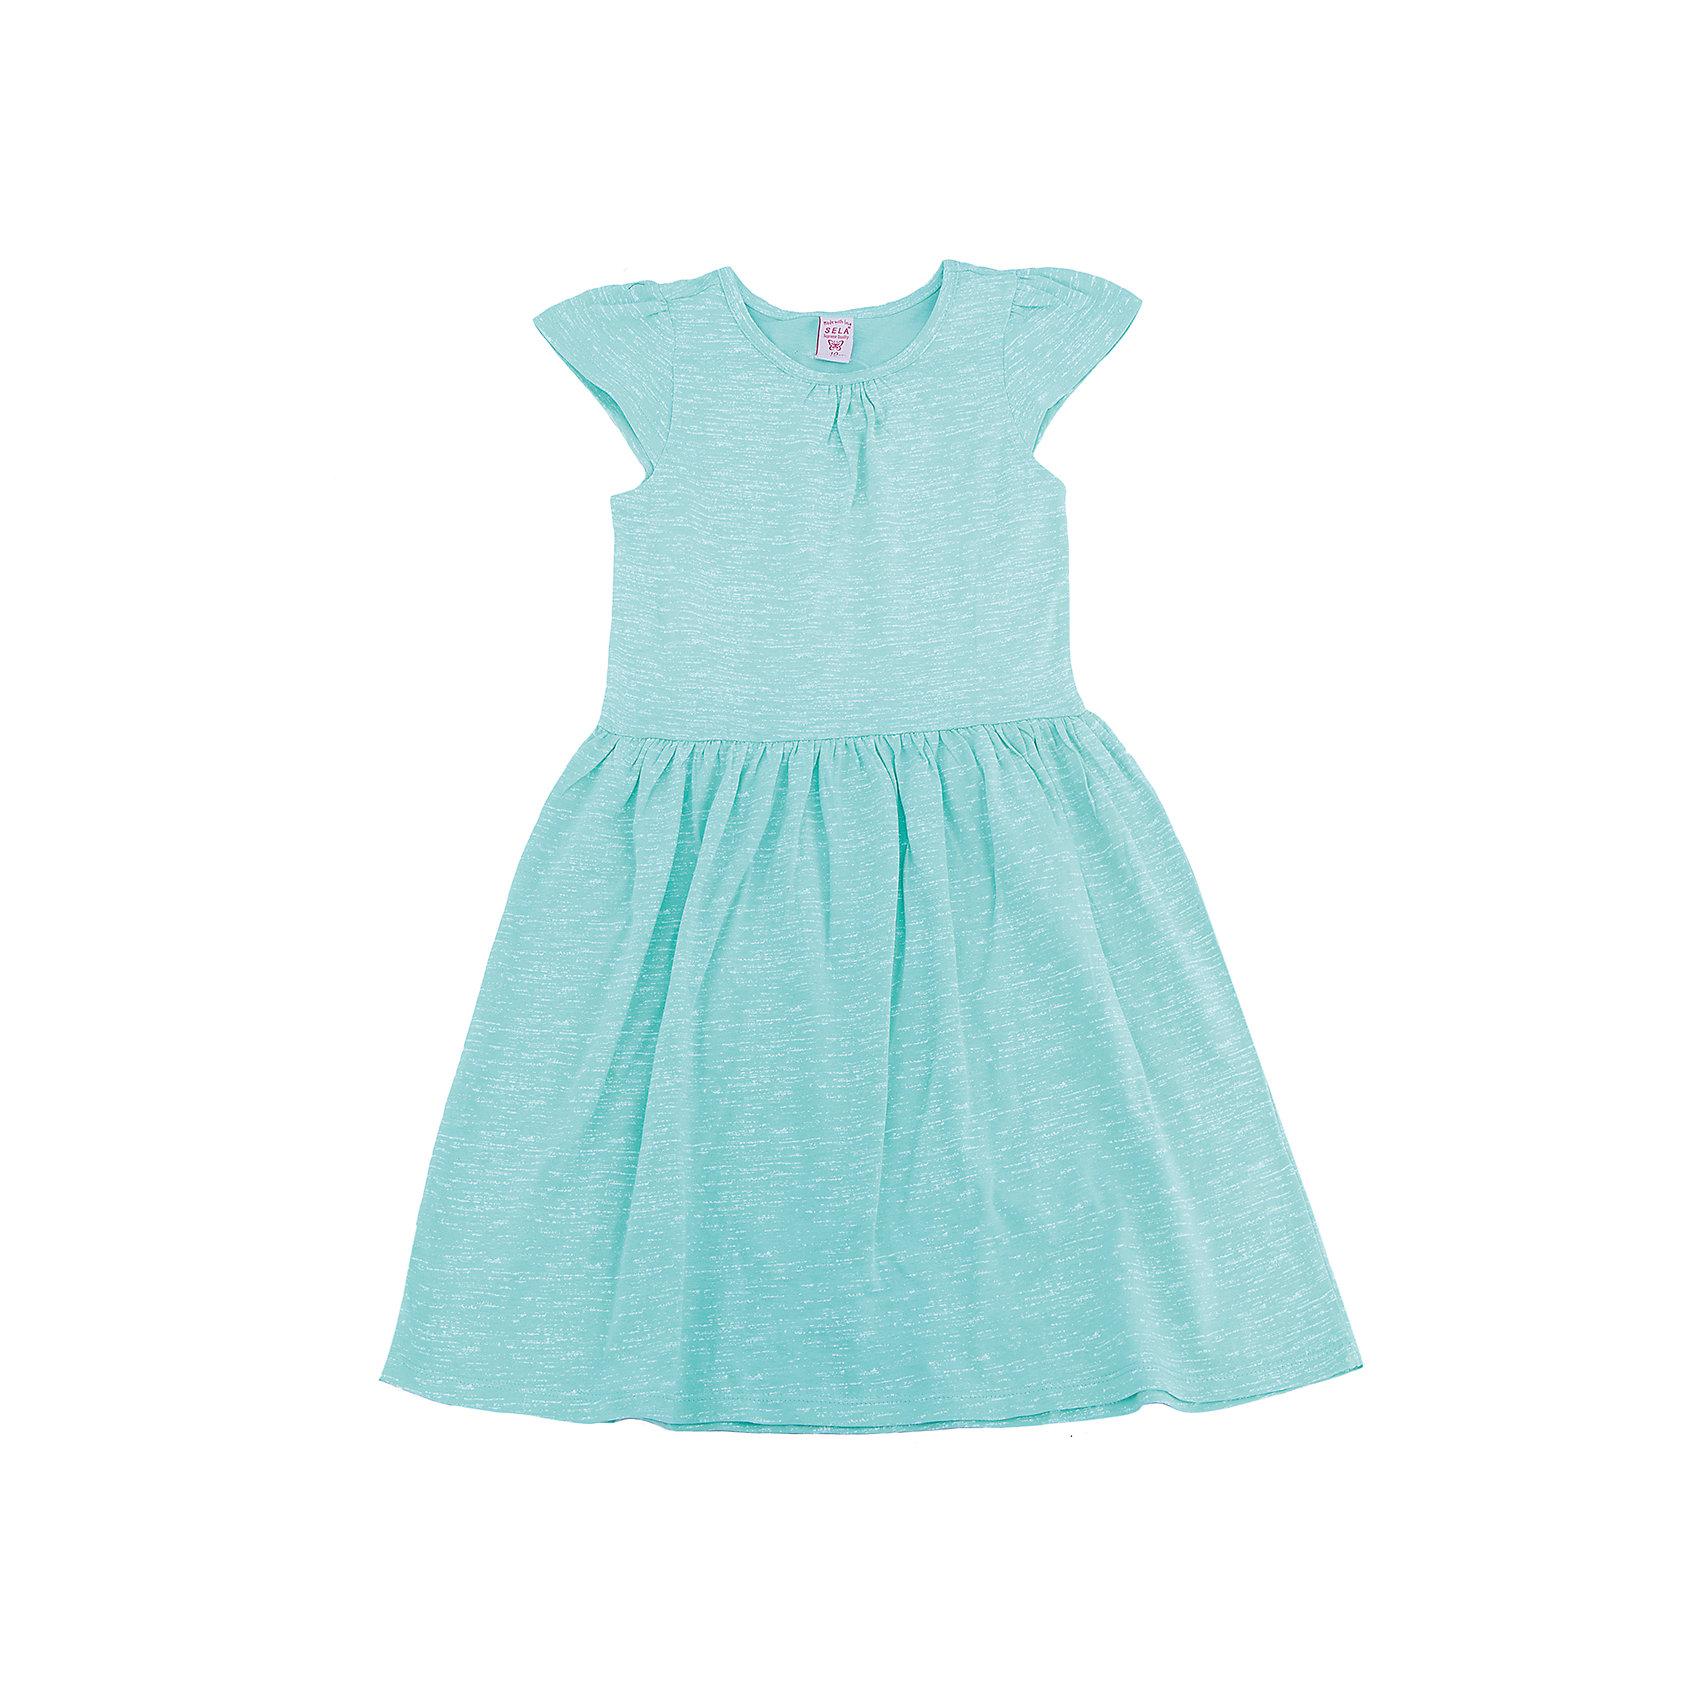 Платье для девочки SELAПлатья и сарафаны<br>Характеристики товара:<br><br>• цвет: бирюзовый<br>• сезон: лето<br>• состав: 100% хлопок<br>• силуэт полуприлегающий<br>• длина выше колена<br>• корткие рукава<br>• комфортная посадка<br>• страна бренда: Россия<br><br>Платье для девочки из хлопка позволит телу дышать и комфортно себя чувствоватиь во время прогулок.  Оно отлично сочетается с босоножками, сандалями или туфельками. Стильная и удобная вещь!<br><br>Одежда, обувь и аксессуары от российского бренда SELA не зря пользуются большой популярностью у детей и взрослых!<br><br>Платье для девочки от популярного бренда SELA (СЕЛА) можно купить в нашем интернет-магазине.<br><br>Ширина мм: 236<br>Глубина мм: 16<br>Высота мм: 184<br>Вес г: 177<br>Цвет: разноцветный<br>Возраст от месяцев: 108<br>Возраст до месяцев: 120<br>Пол: Женский<br>Возраст: Детский<br>Размер: 140,146,152,122,128,134<br>SKU: 5305399